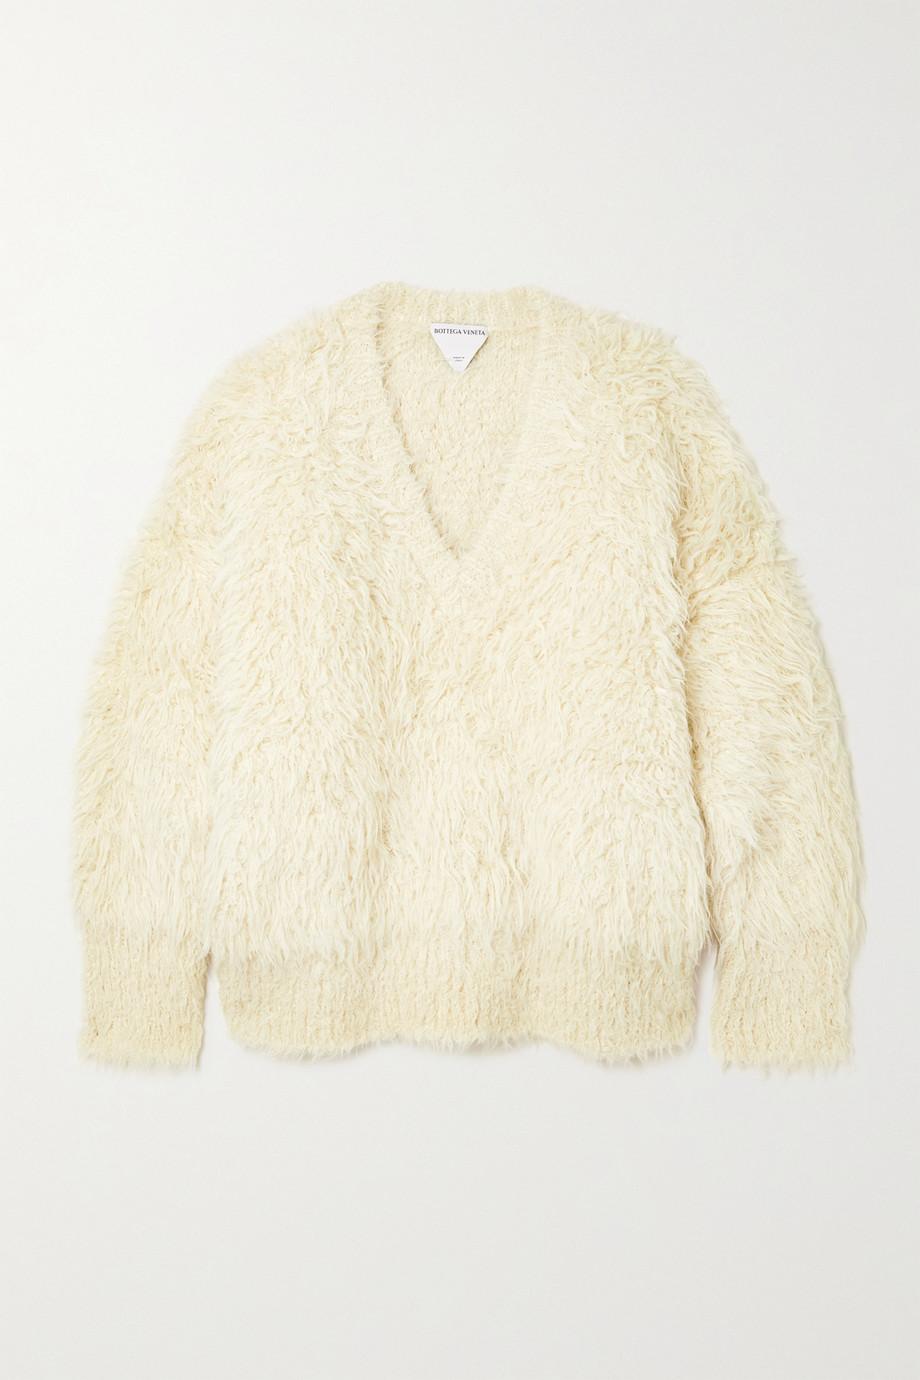 Bottega Veneta Alpaca-blend sweater